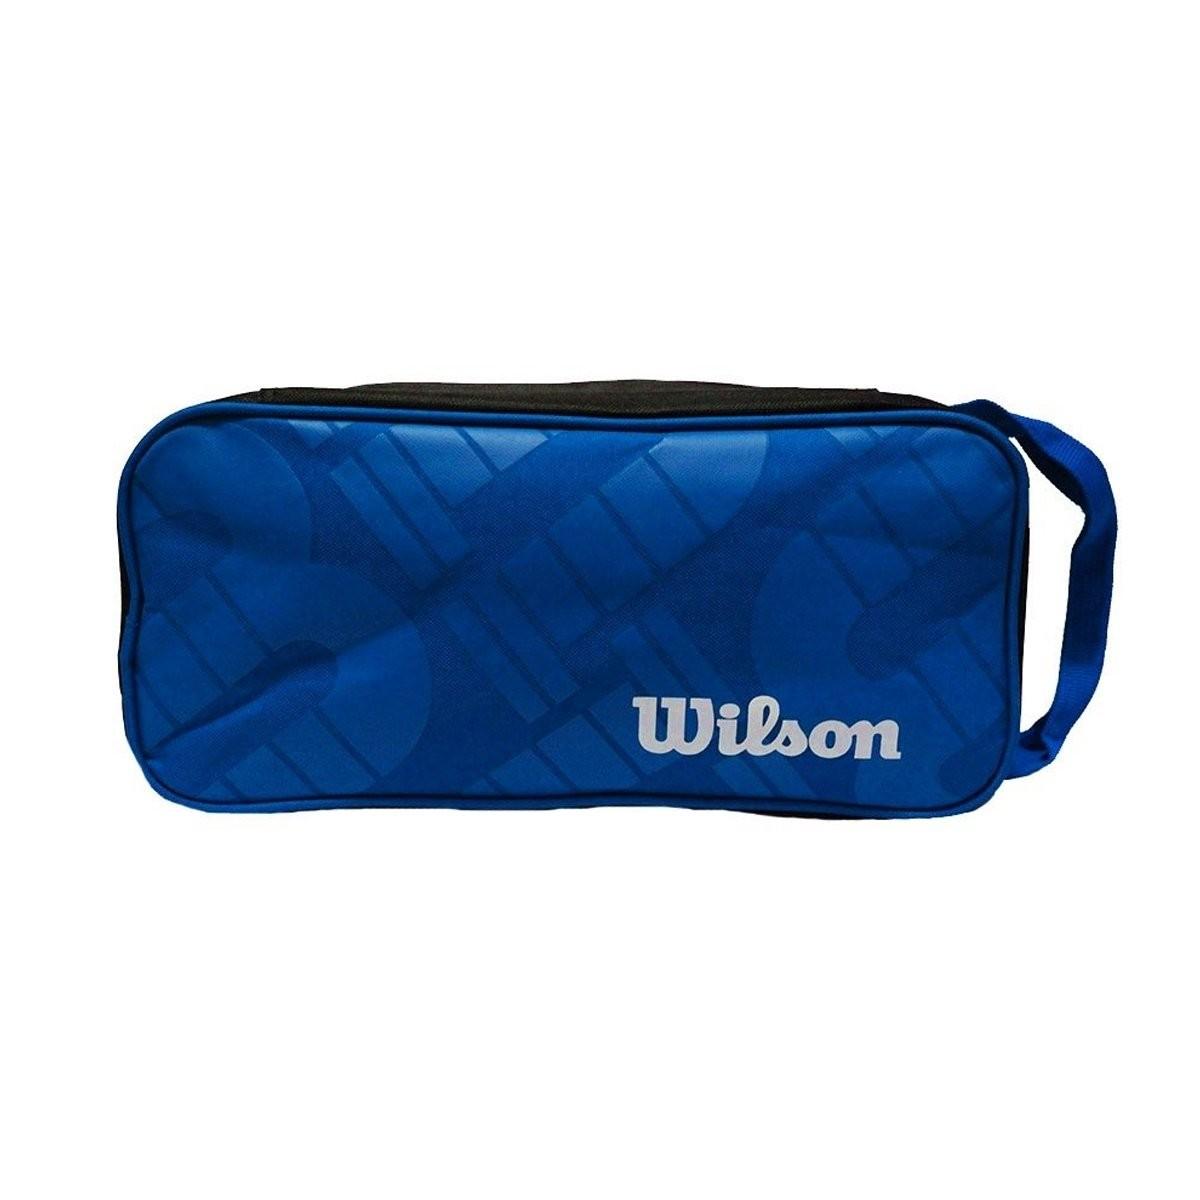 Porta Calçado Wilson PC22001C Azul